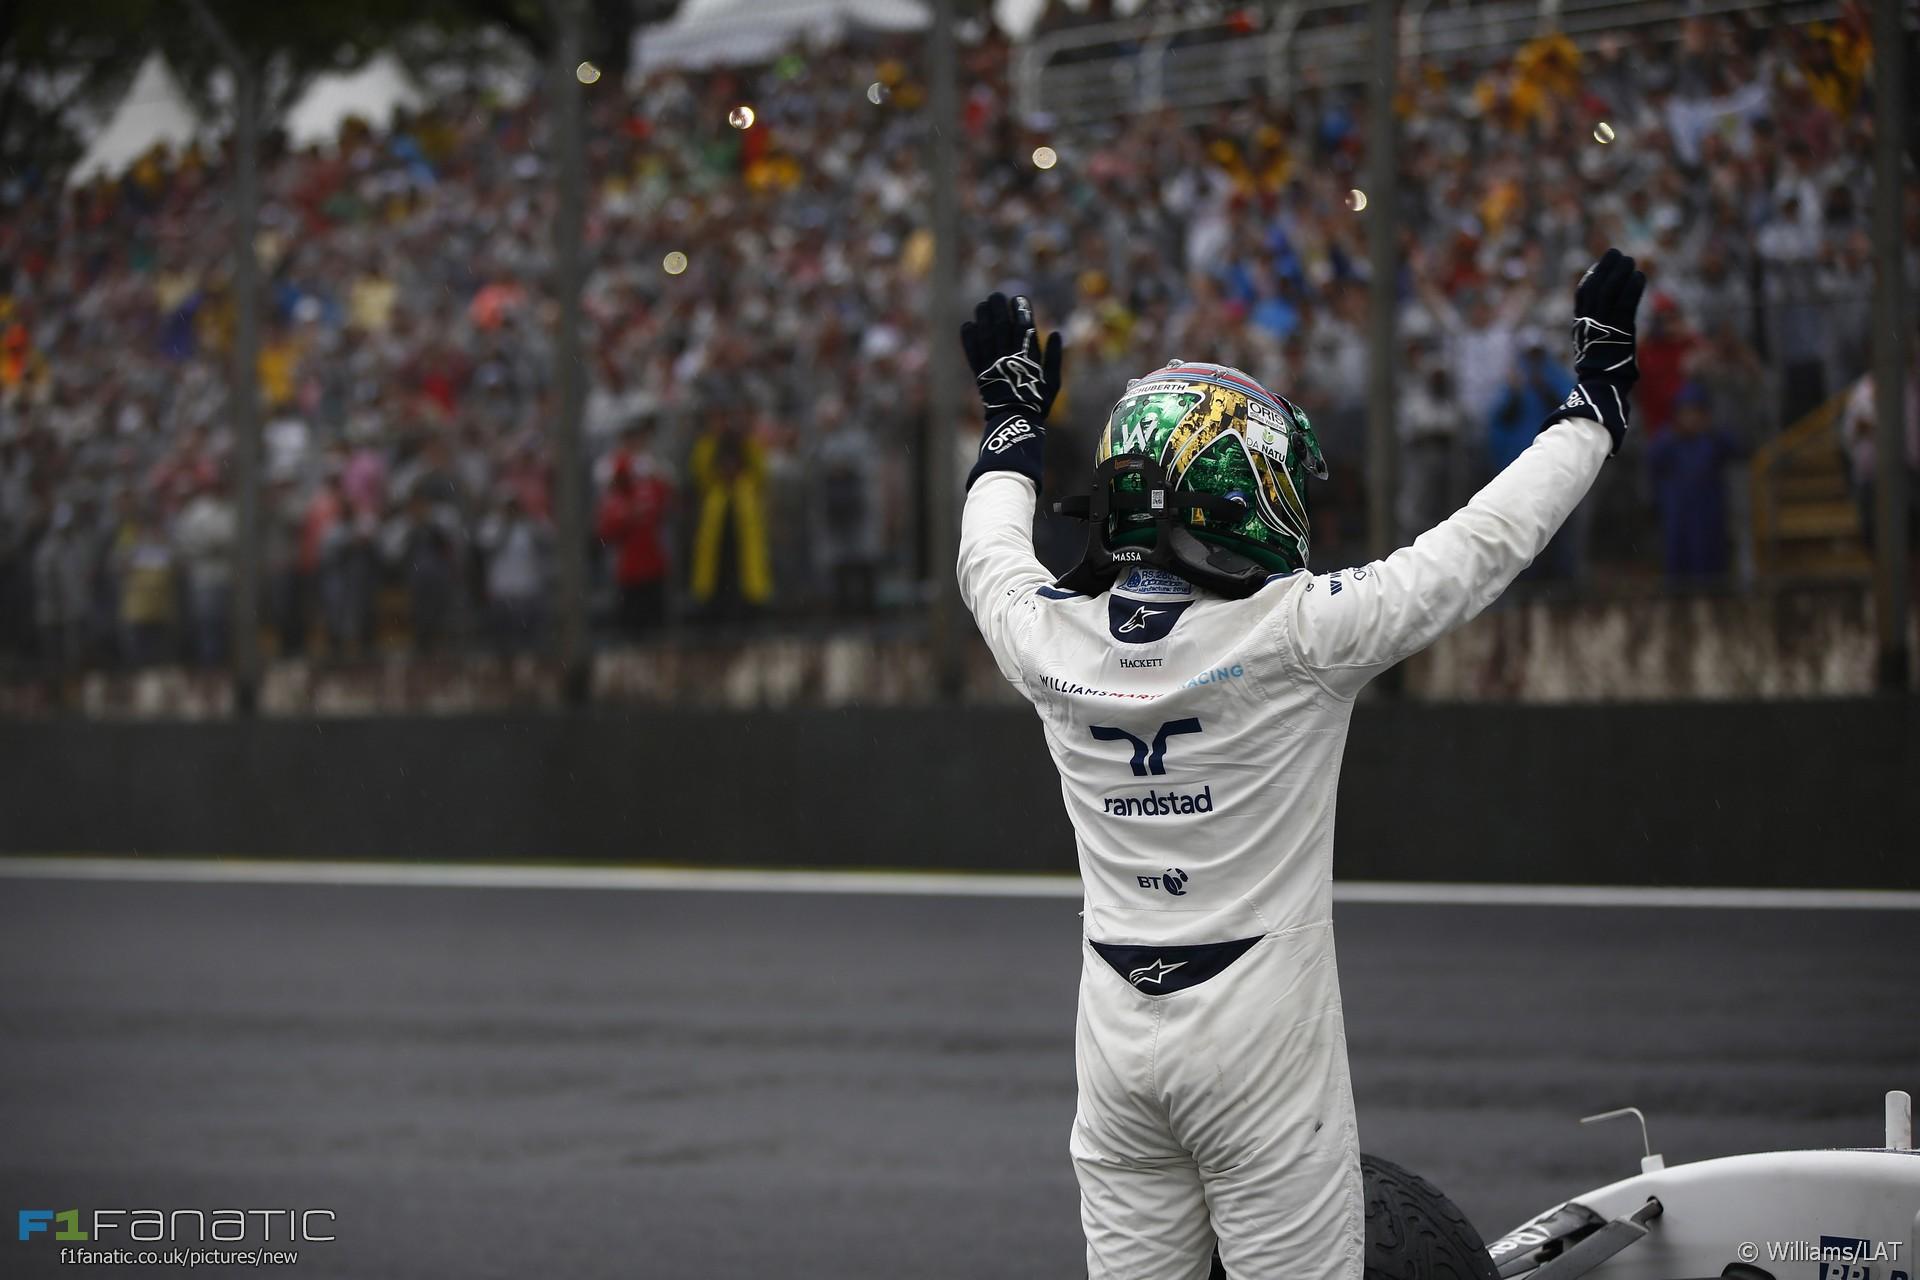 Felipe Massa, Williams, Interlagos, 2016